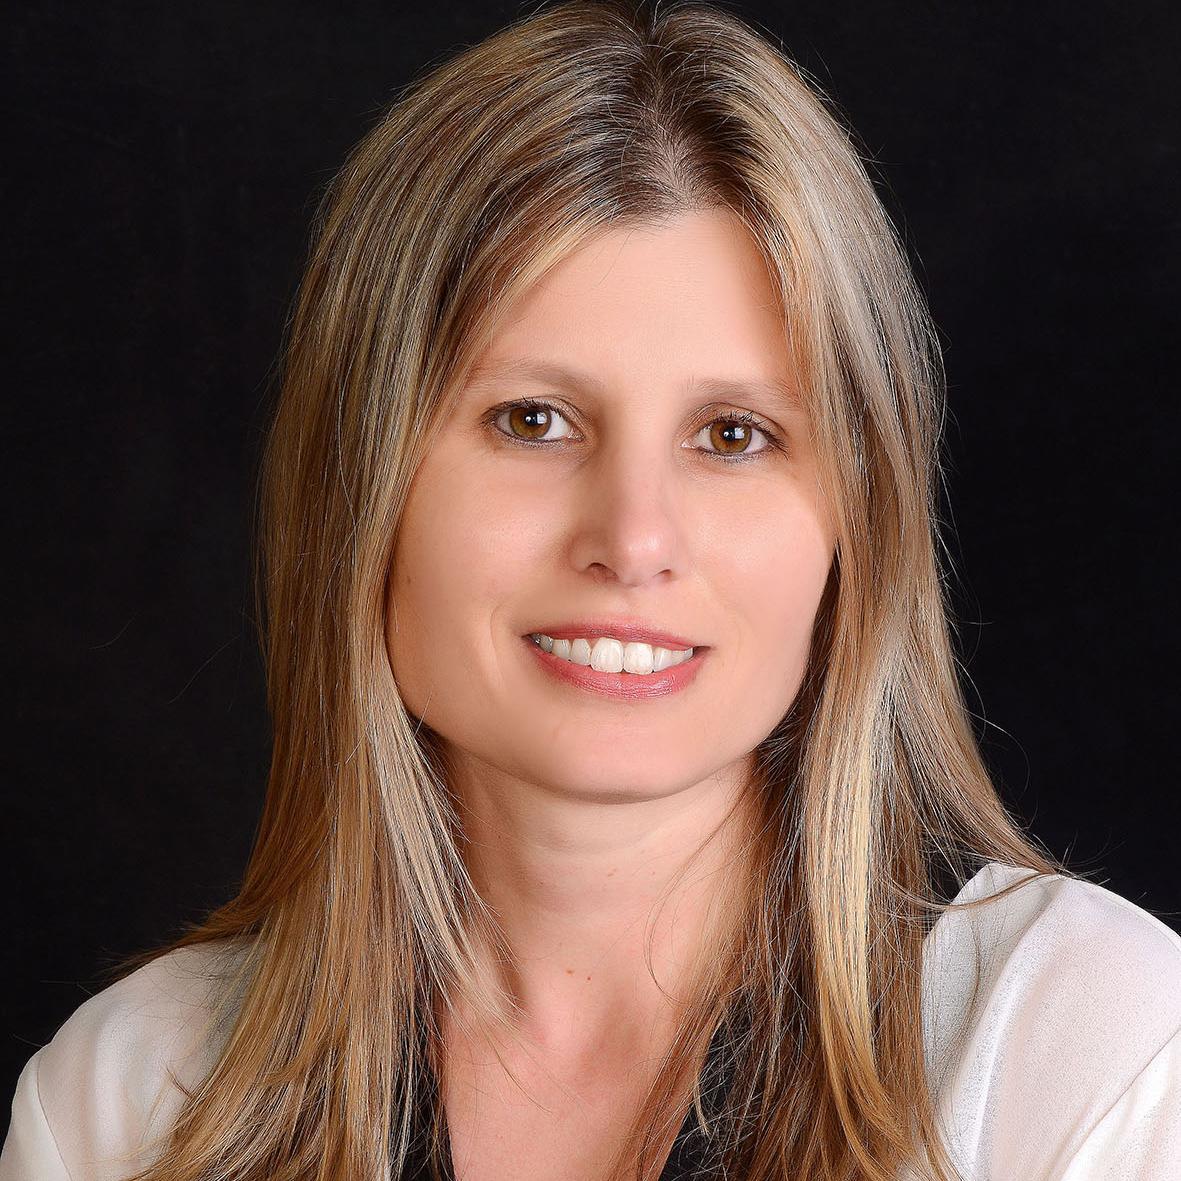 Cintia Schoeninger